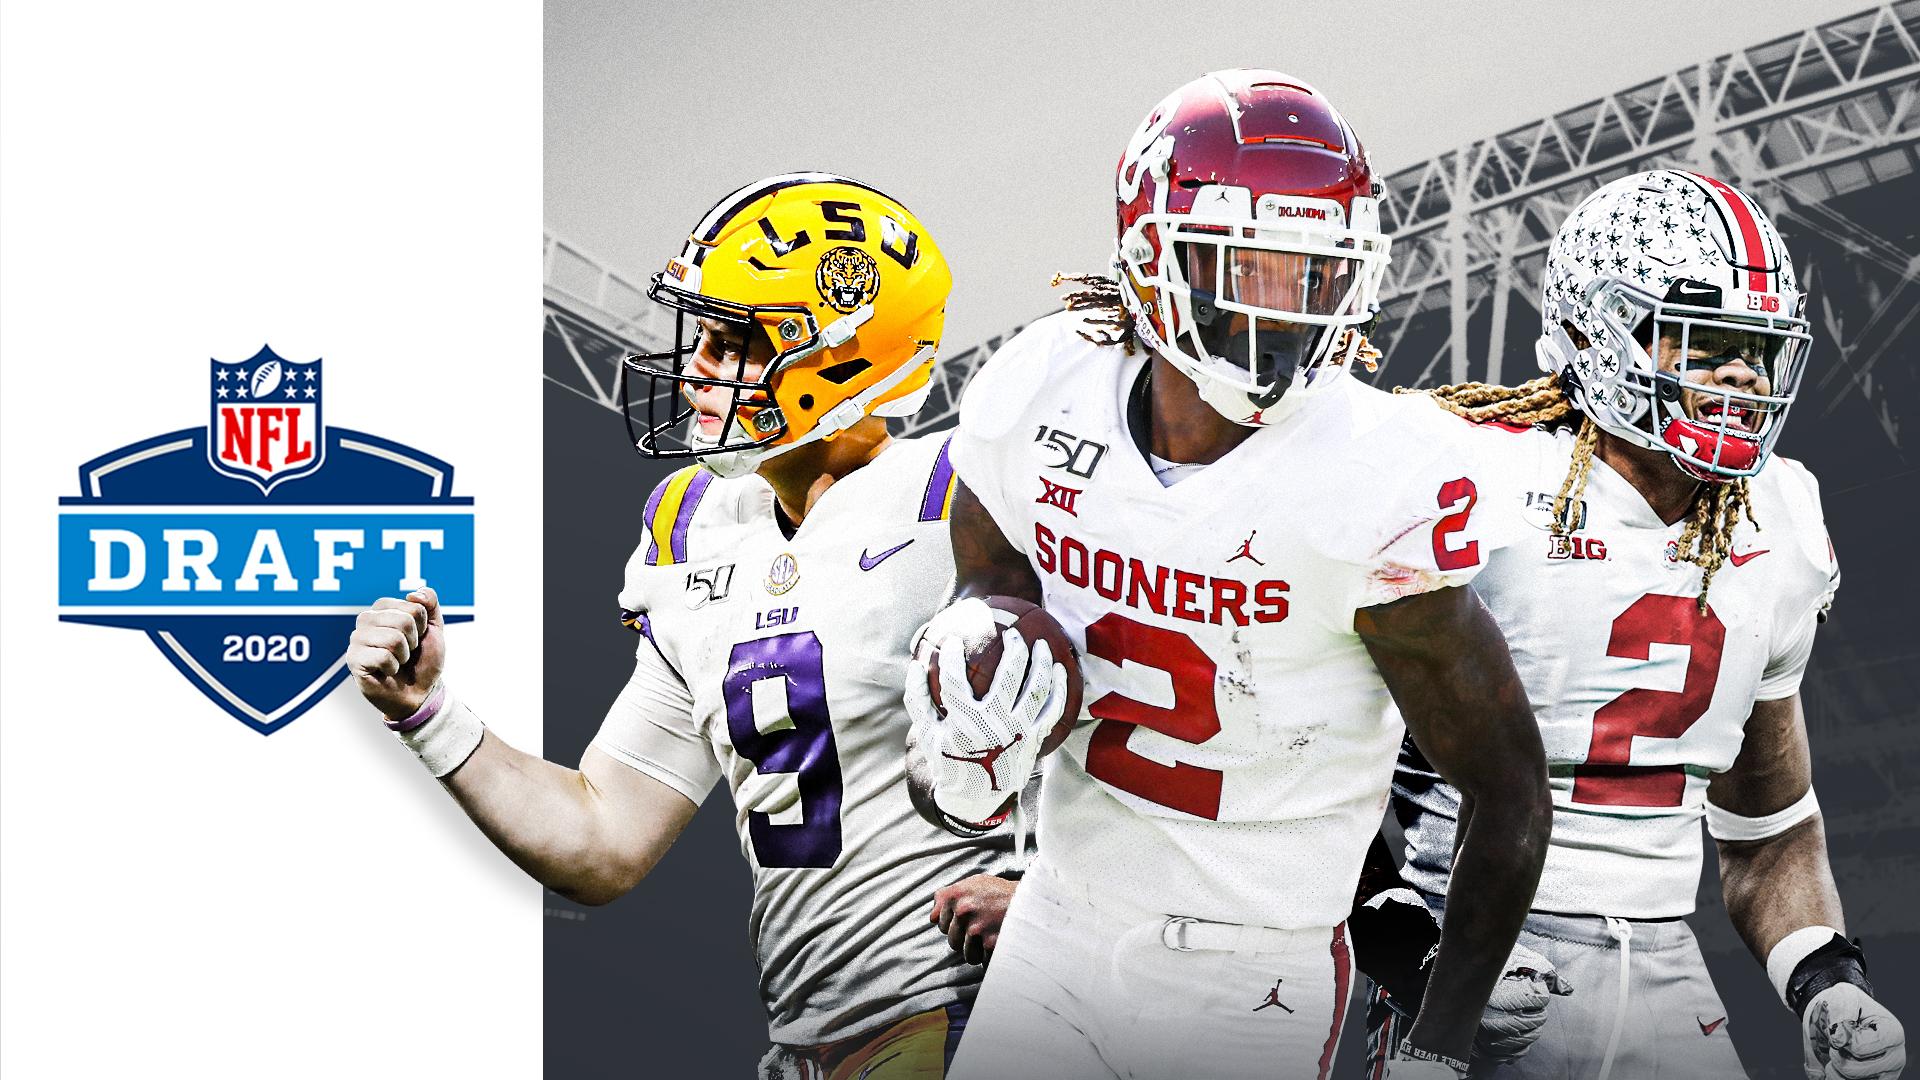 NFL Draft prospects 2020: gran tablero de los 100 mejores jugadores en general, clasificaciones de posición completas 8